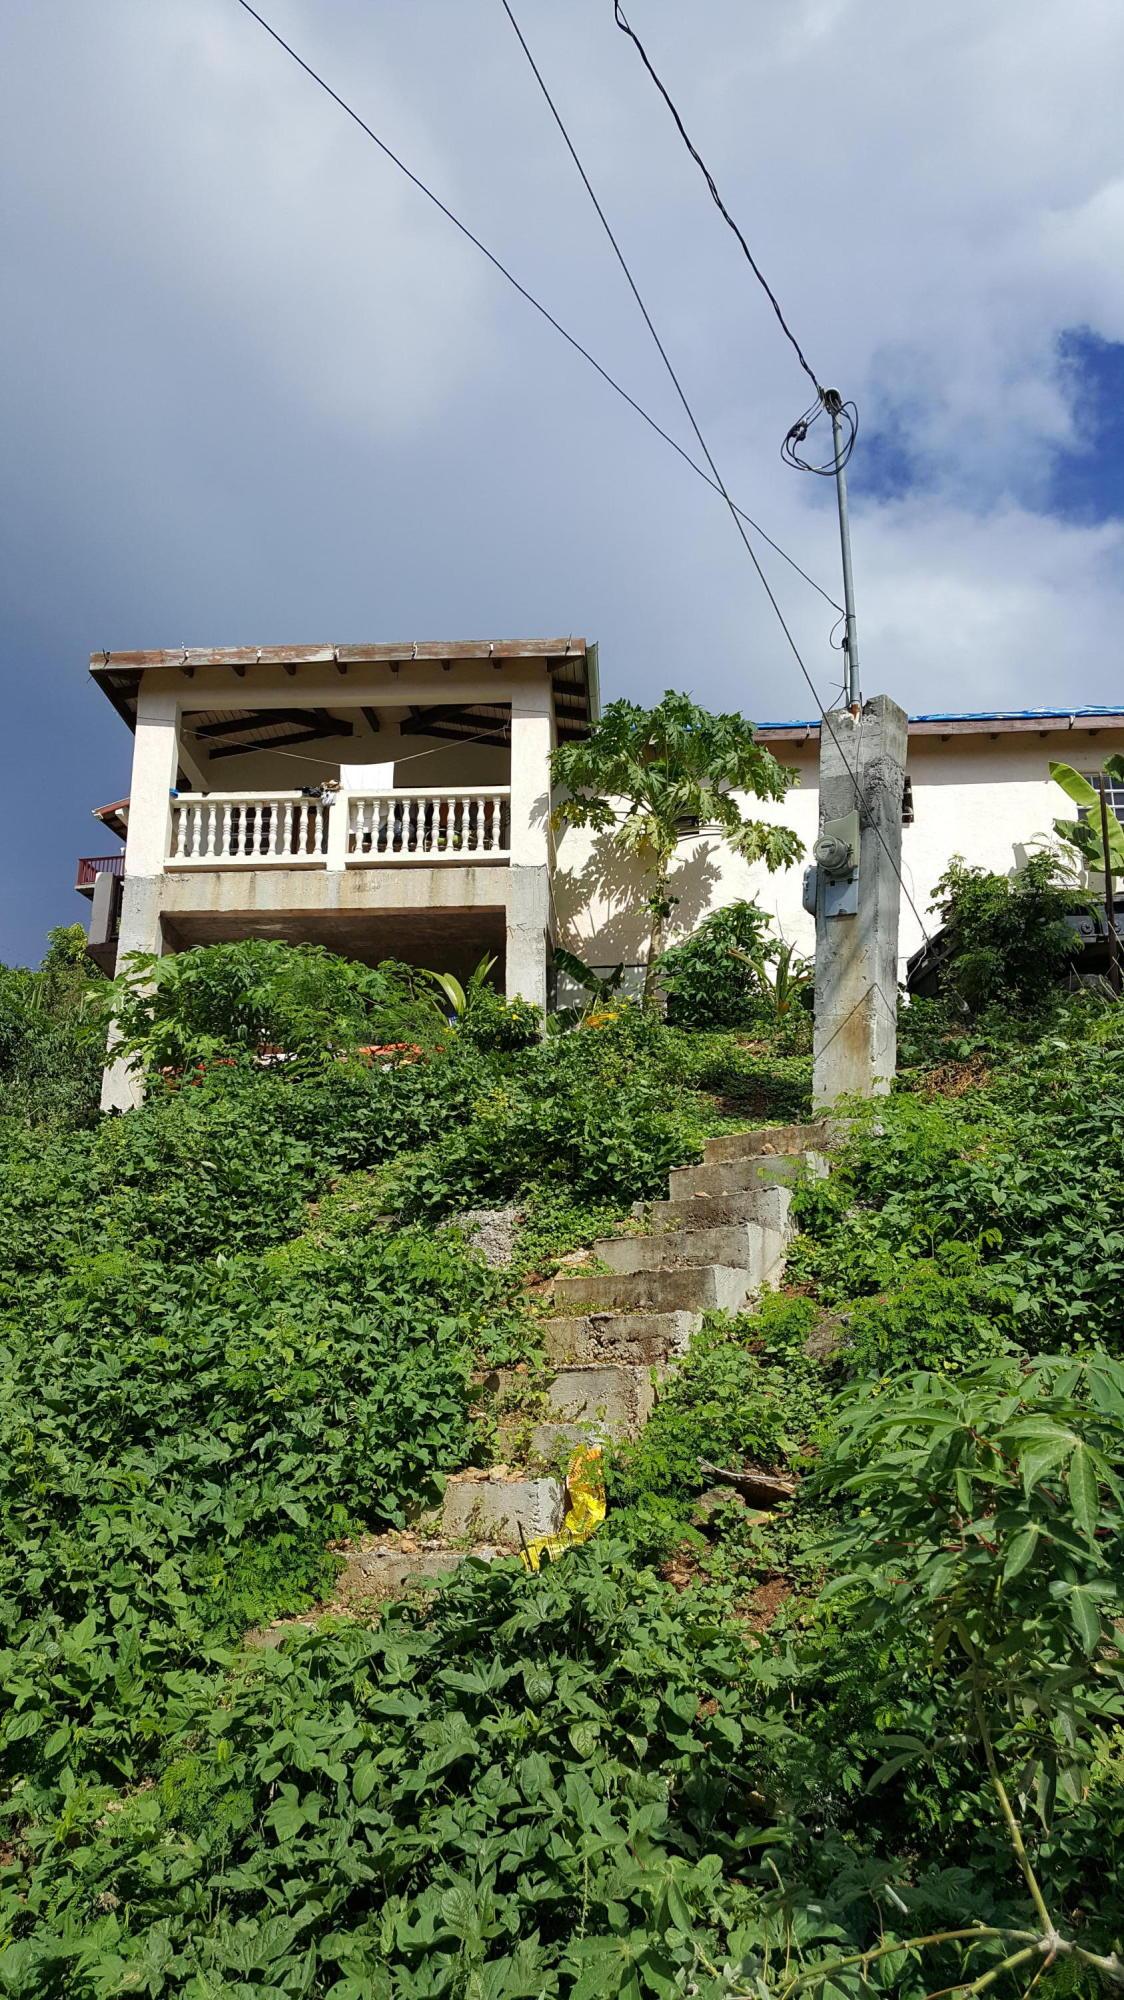 Single Family Home for Sale at 56-63 Frydendal EE 56-63 Frydendal EE St Thomas, Virgin Islands 00802 United States Virgin Islands